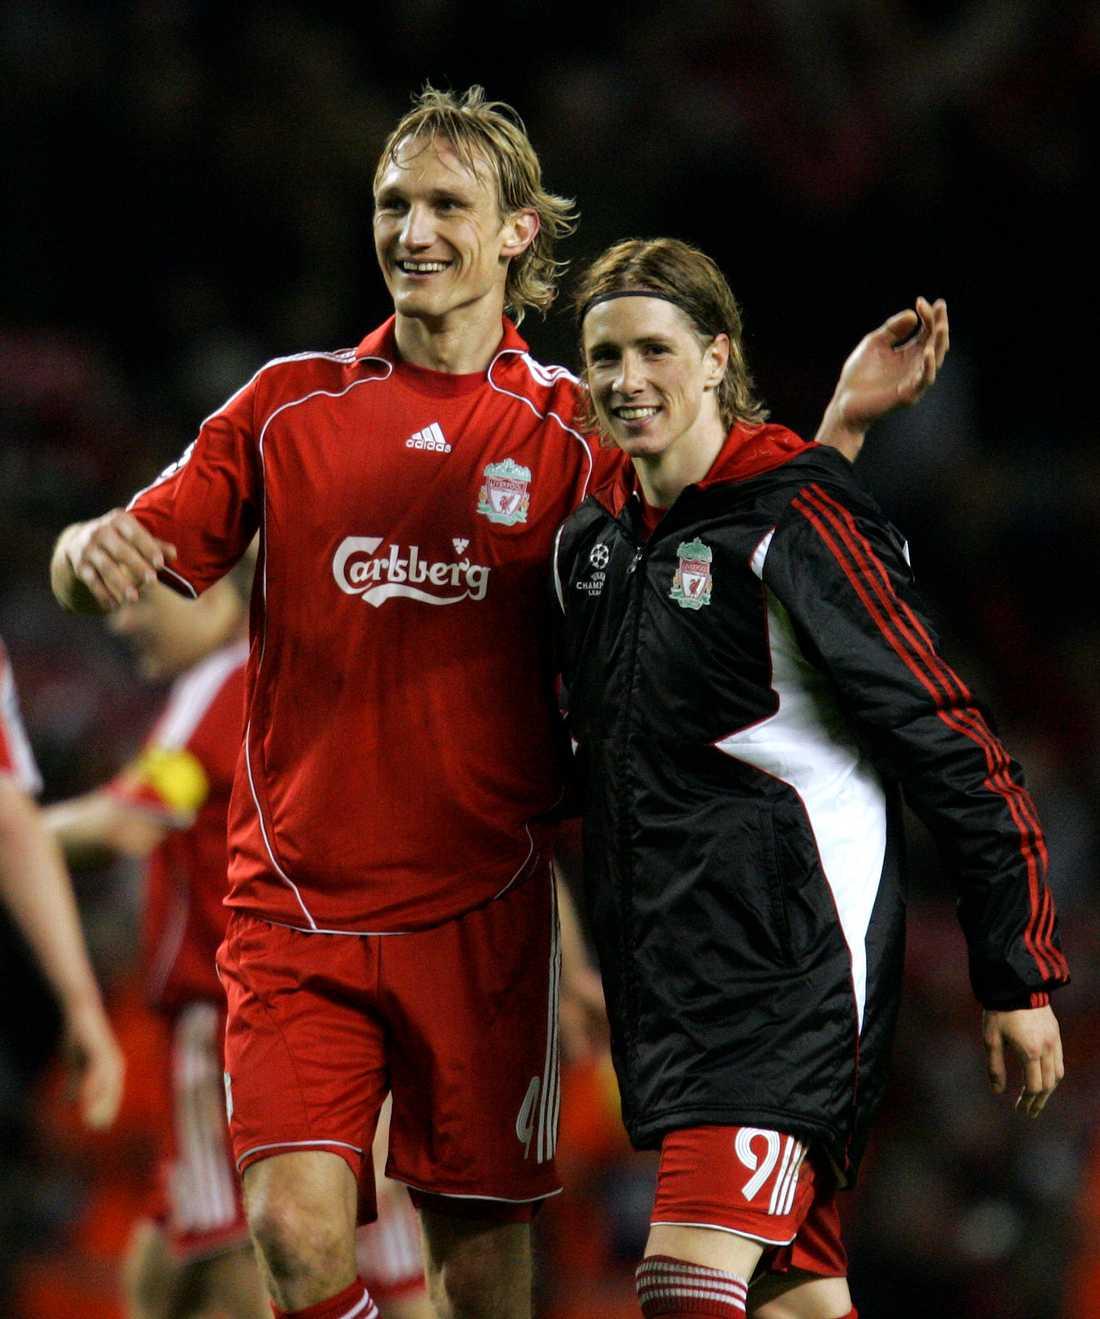 Samy Hyypiä tillsammans med Fernando Torres under tiden i Liverpool